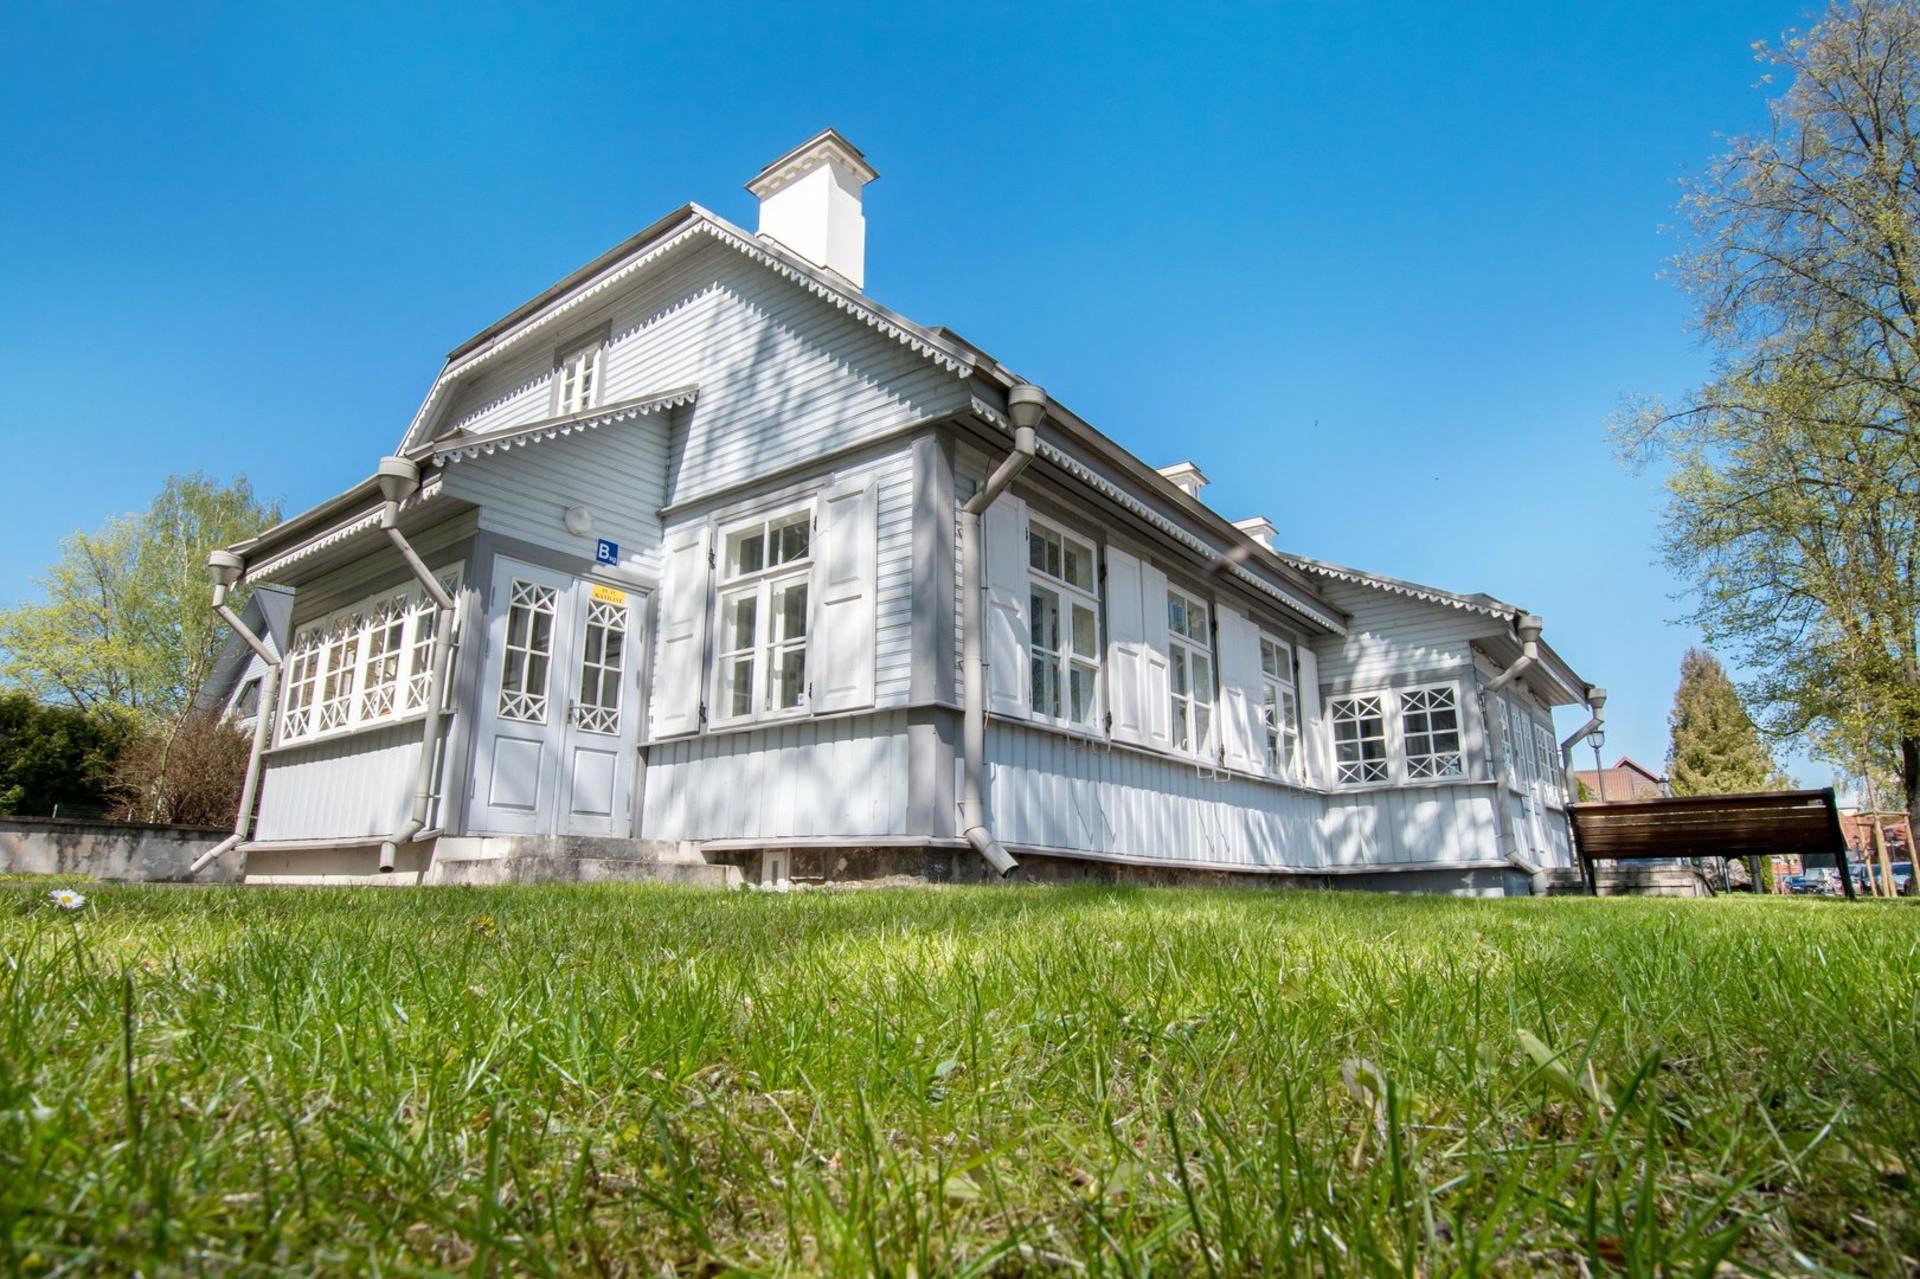 Birštonas Museum of Sacral Art